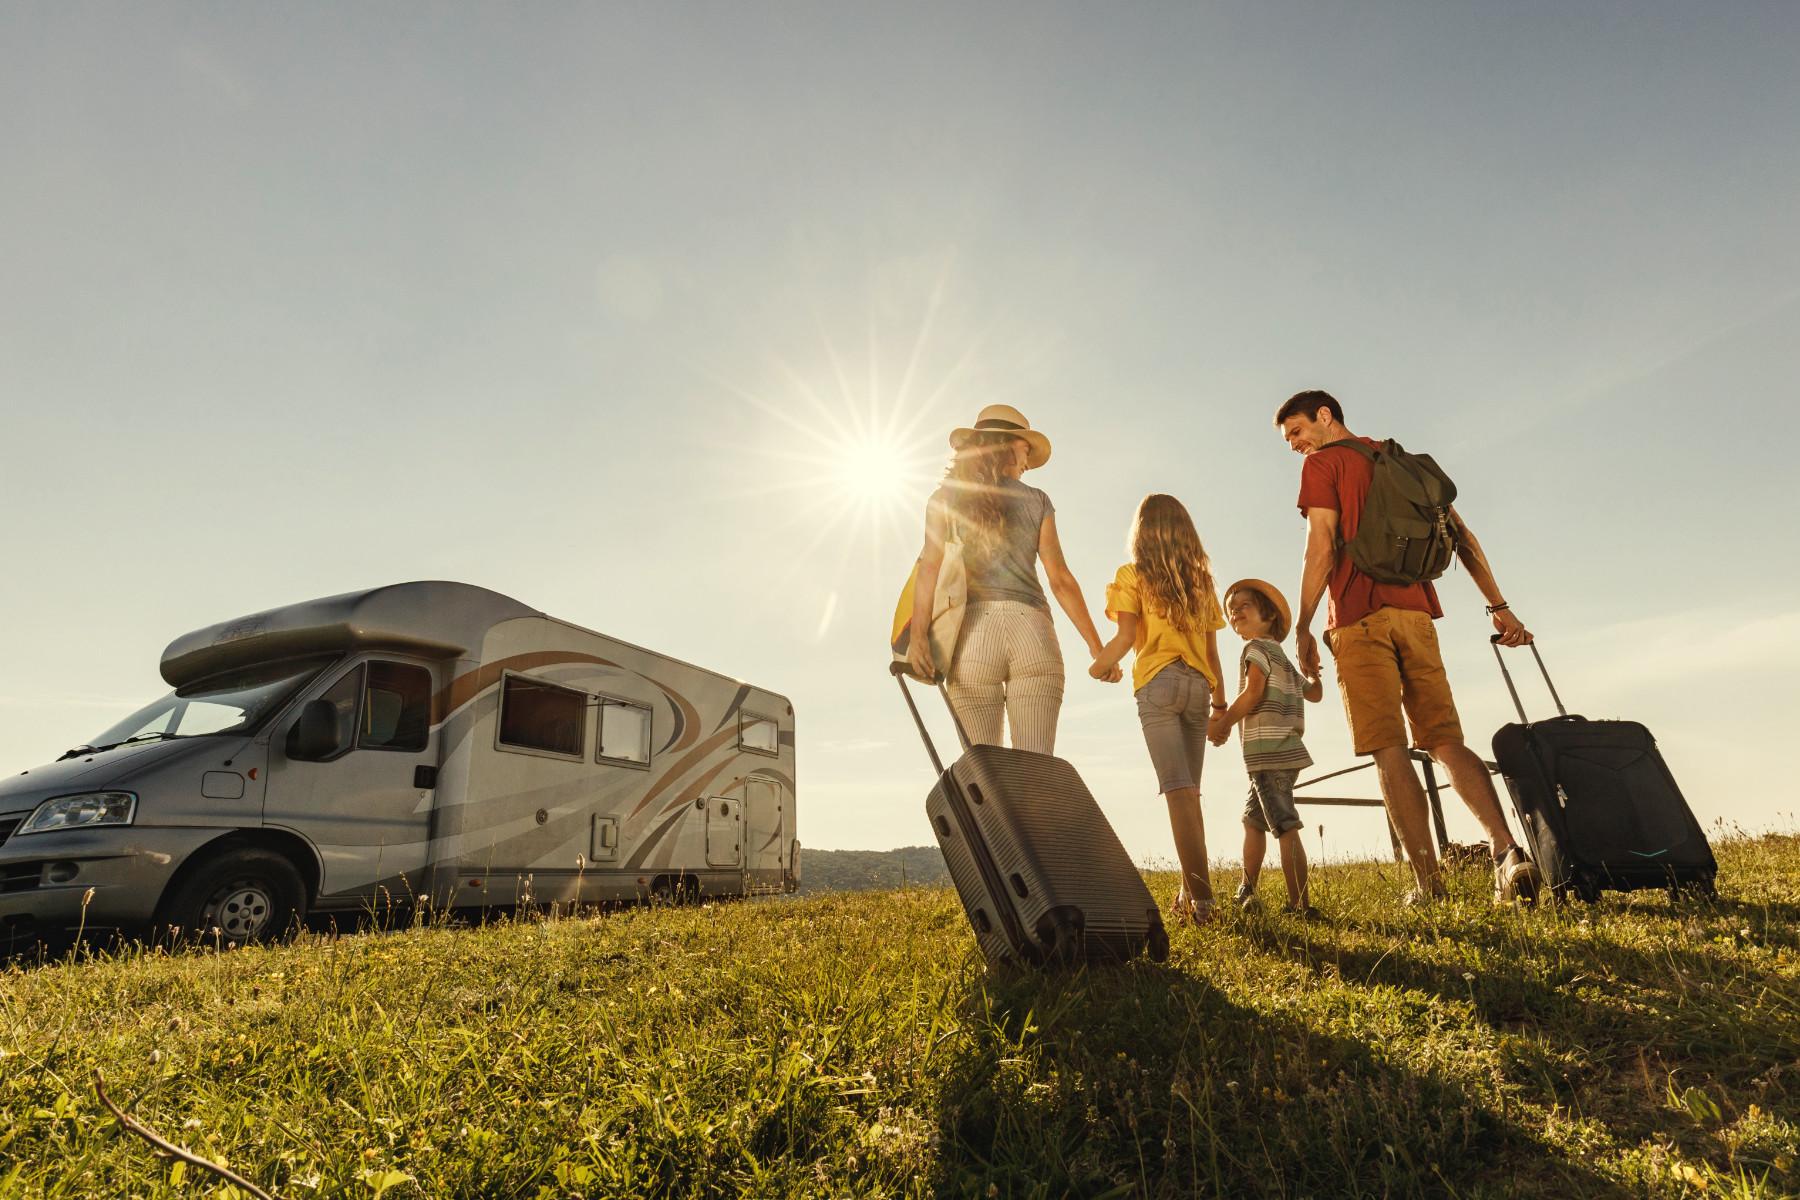 Familie mit Reisegepäck und Wohnmobil im Hintergrund